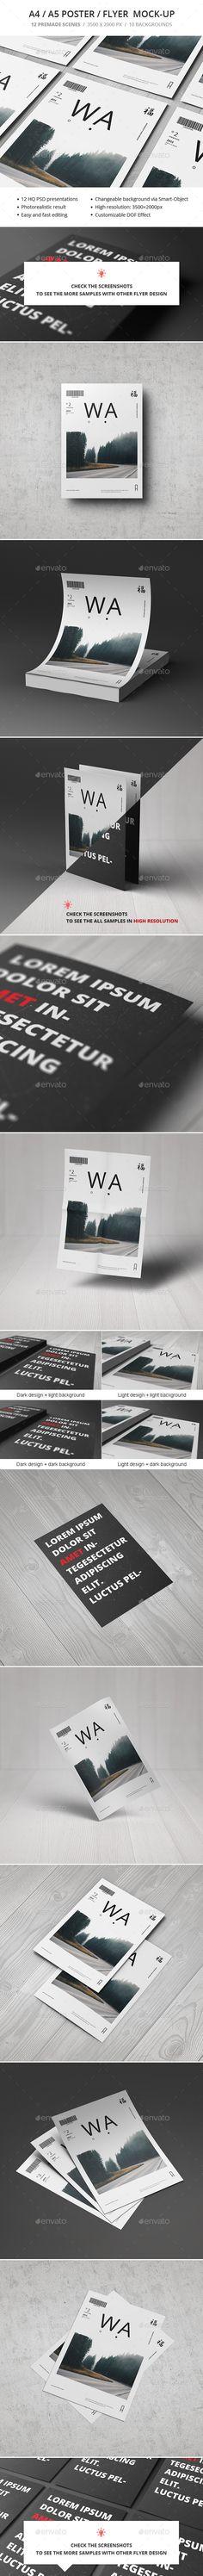 A4 / A5 / Poster / Flyer Mockup #design #presentation Download: http://graphicriver.net/item/a4-a5-poster-flyer-mockup/10989492?ref=ksioks